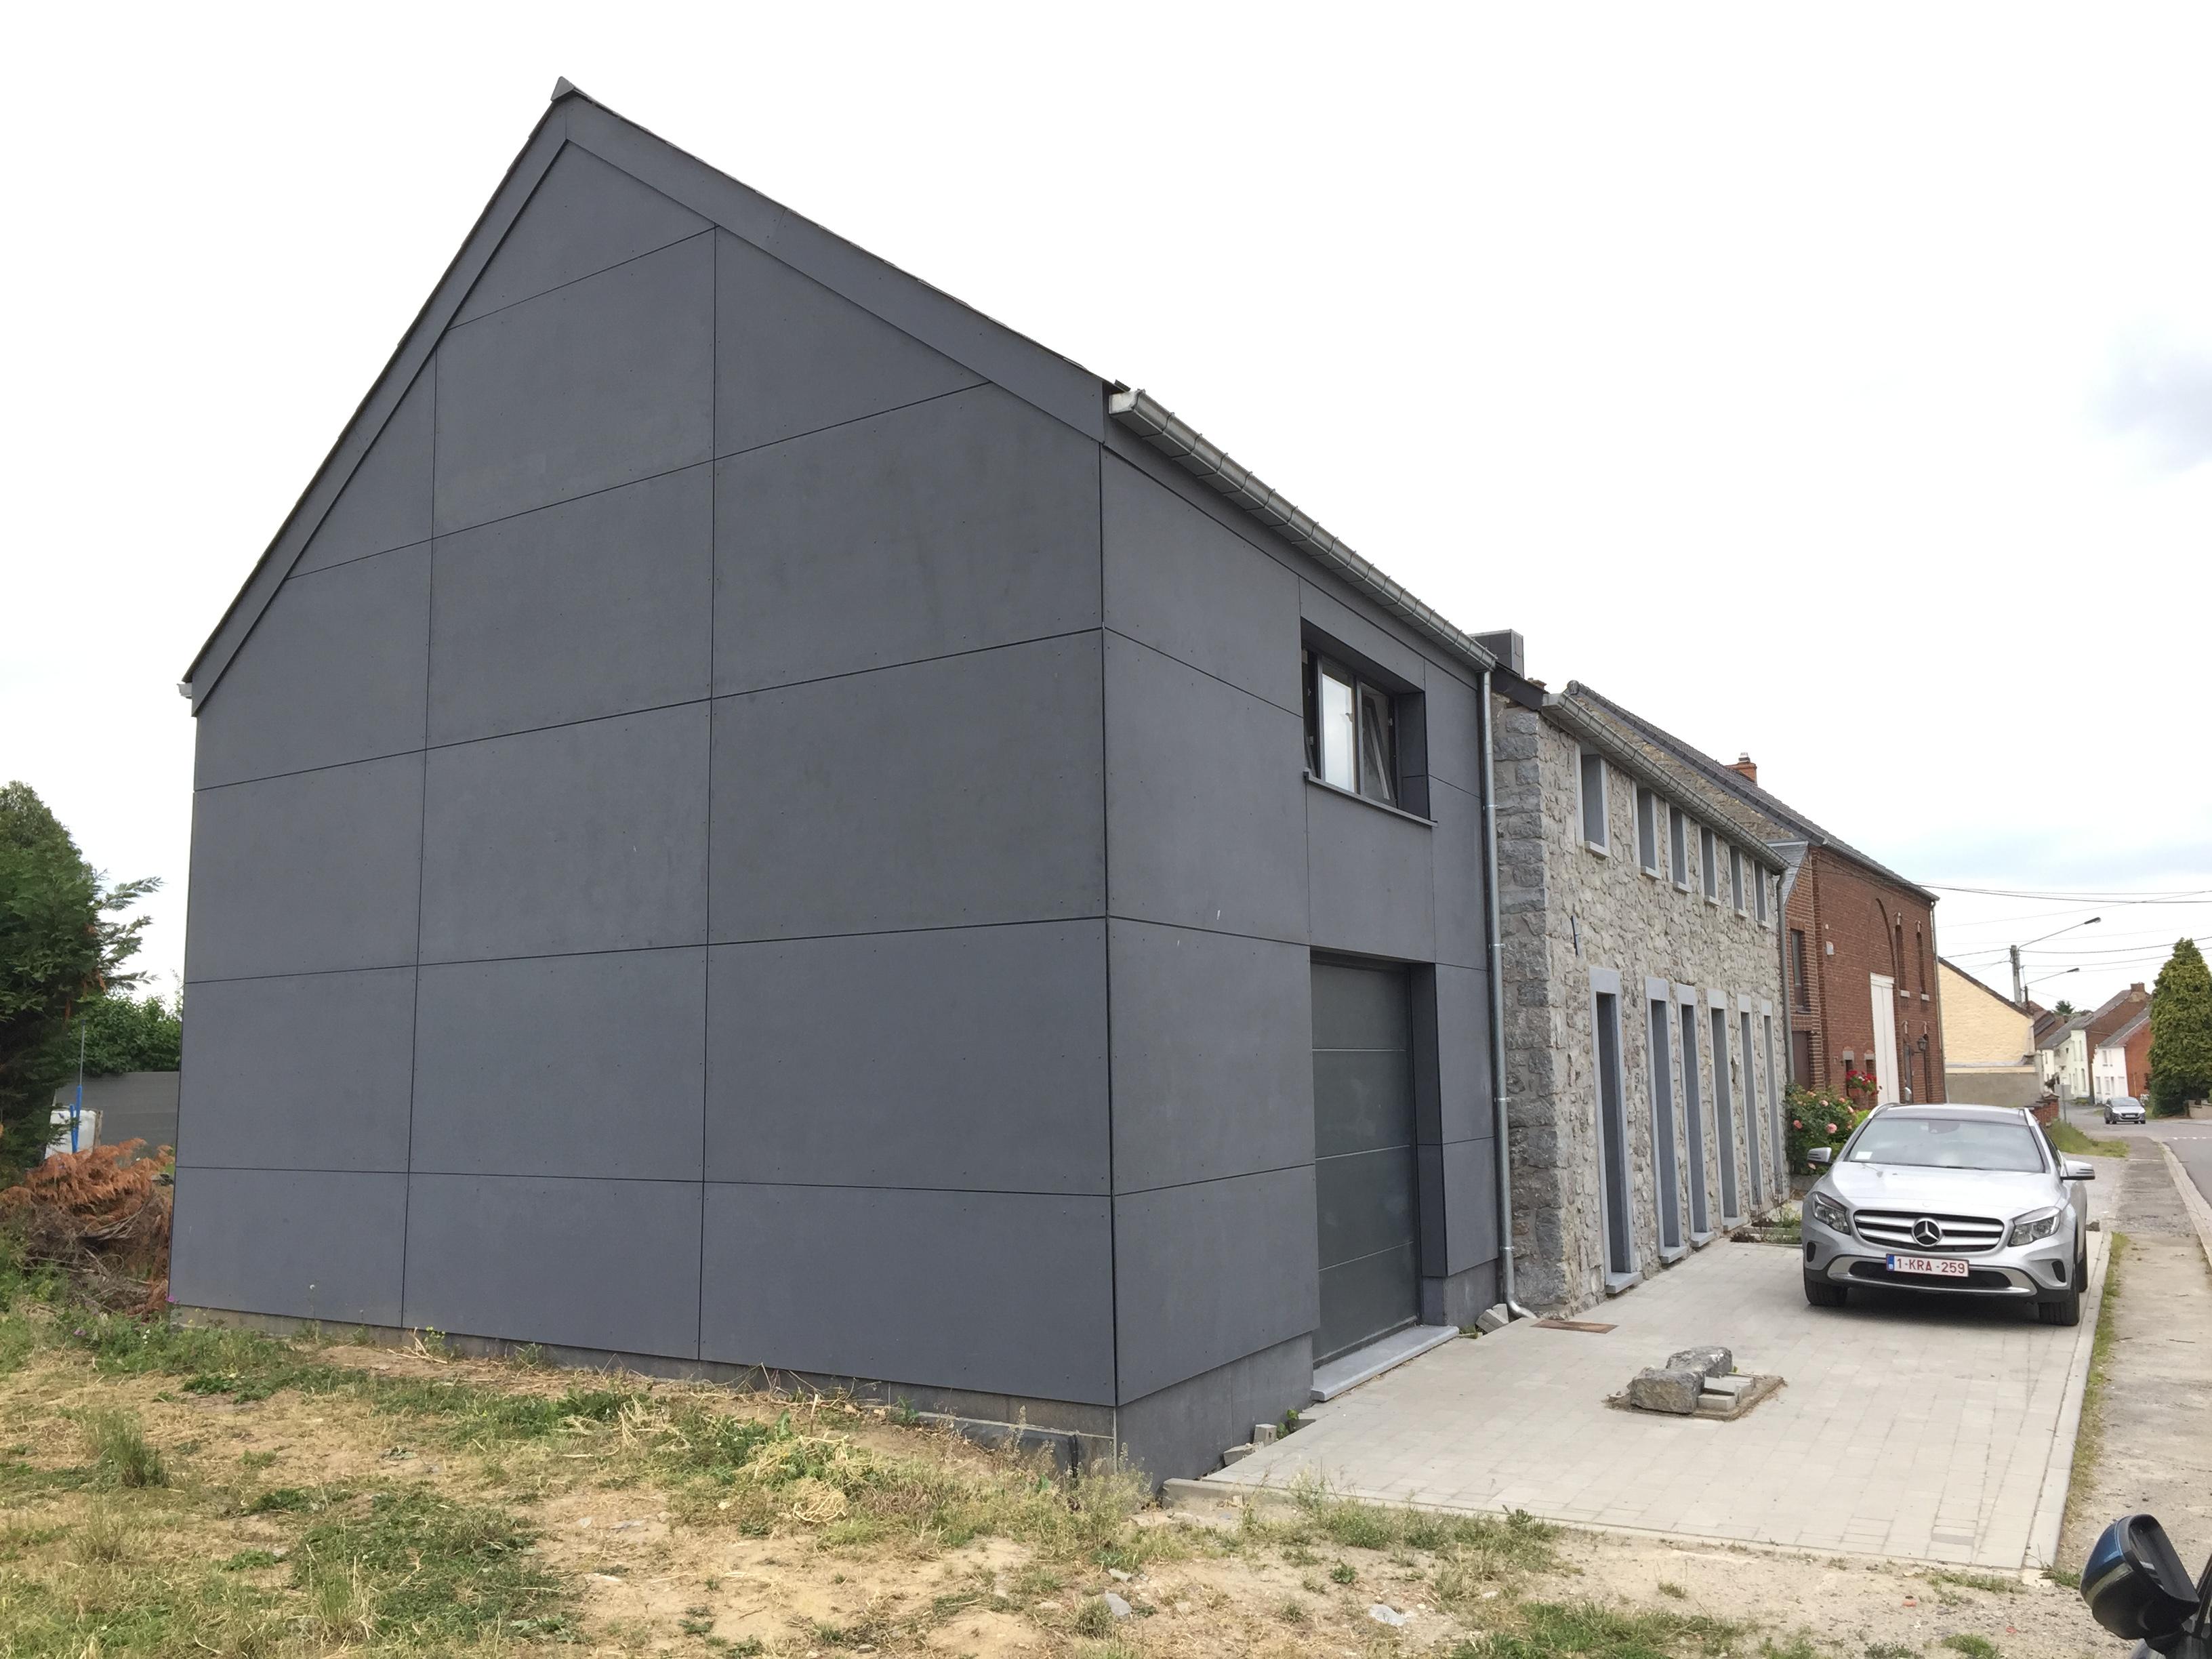 Vdarchitecure bureau d architectes